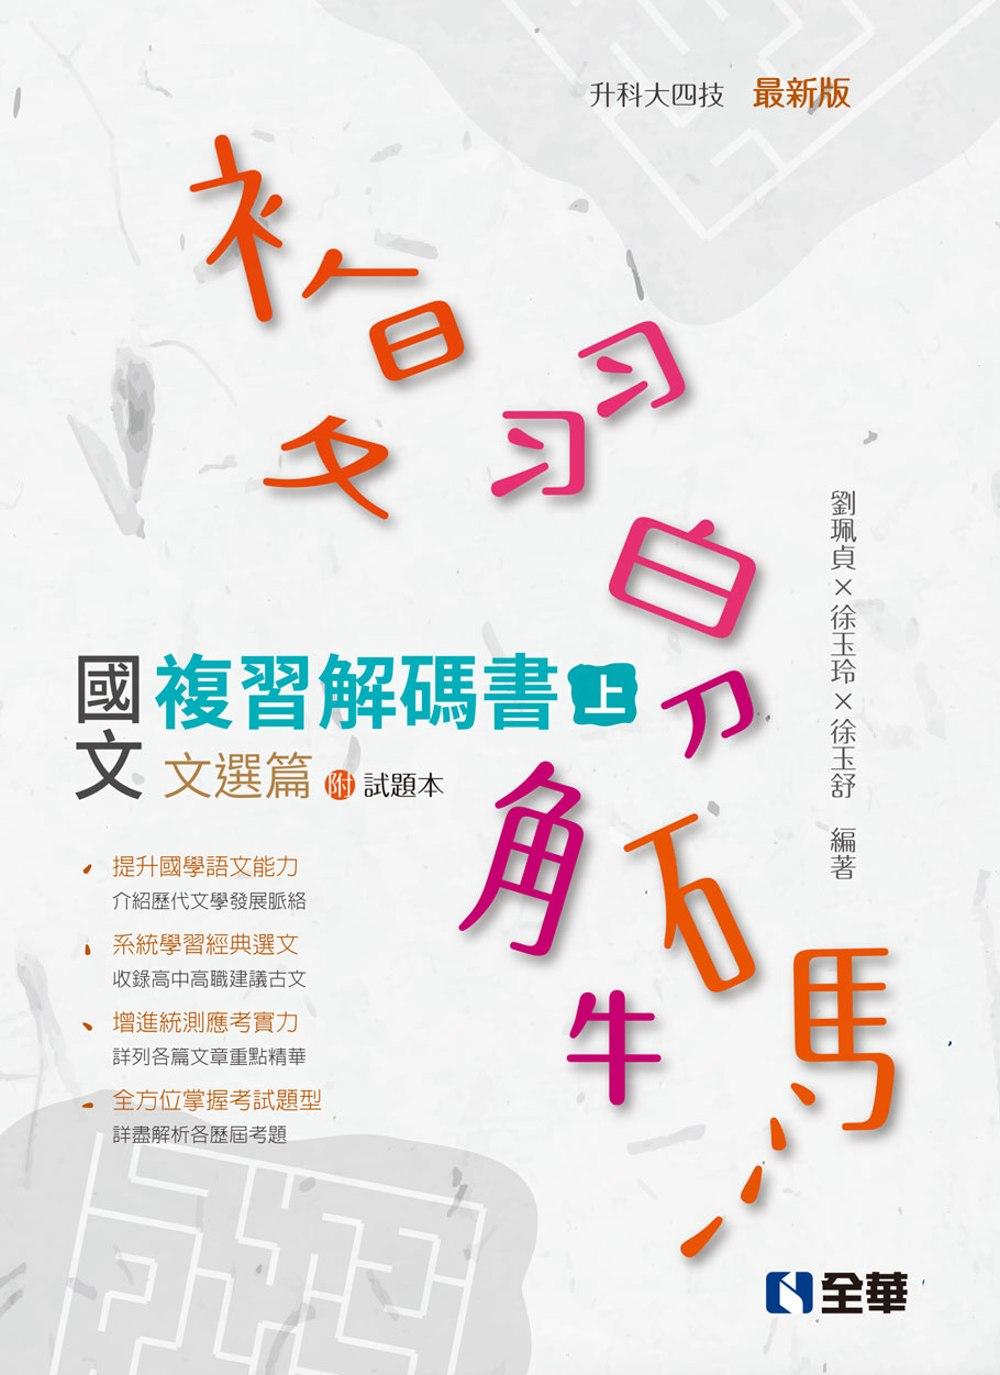 升科大四技:國文複習解碼書文選篇(兩冊合售)(2019最新版)